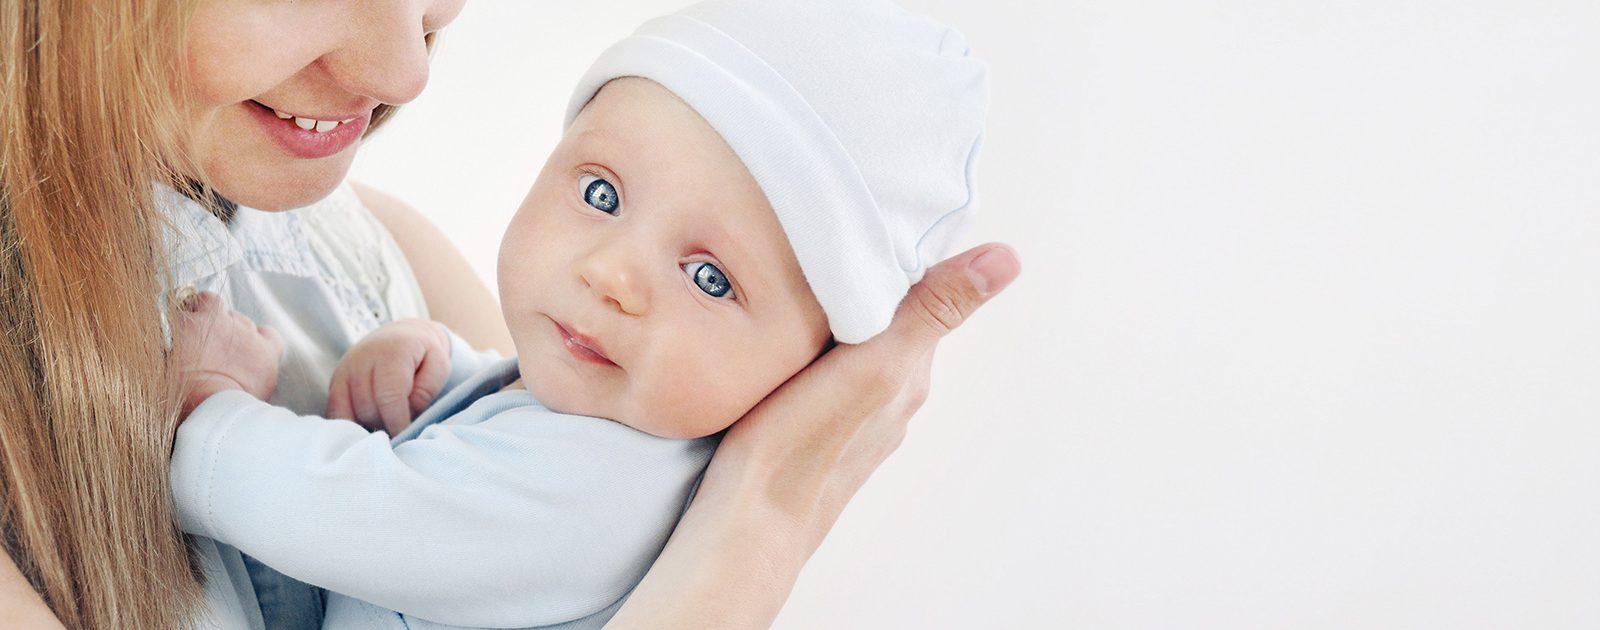 Frau mit adoptiertem Baby: mit einer (offenen) Adoption Kinderwunsch erfüllen